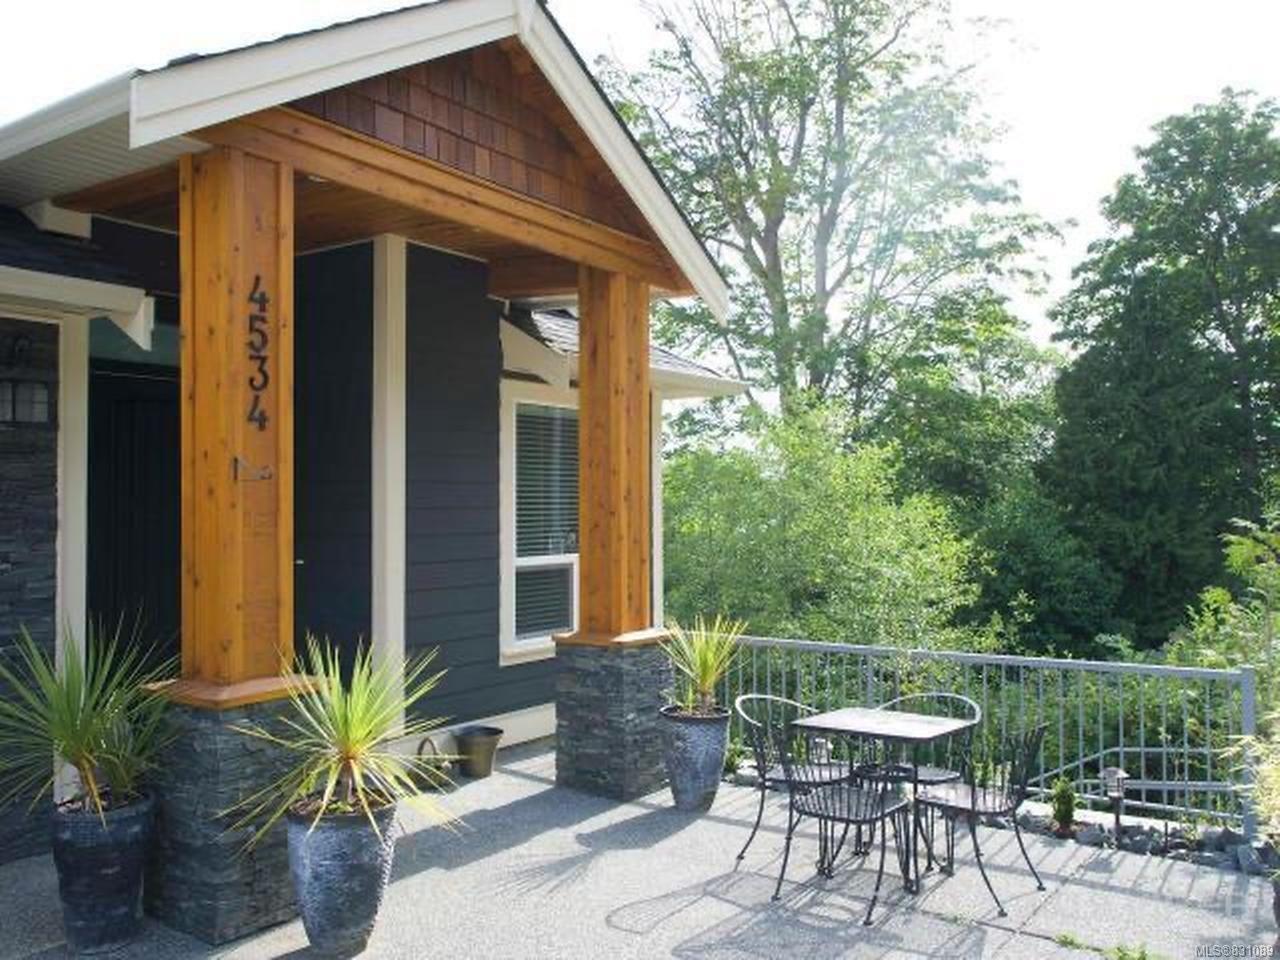 Photo 11: Photos: 4534 Laguna Way in NANAIMO: Na North Nanaimo House for sale (Nanaimo)  : MLS®# 831089